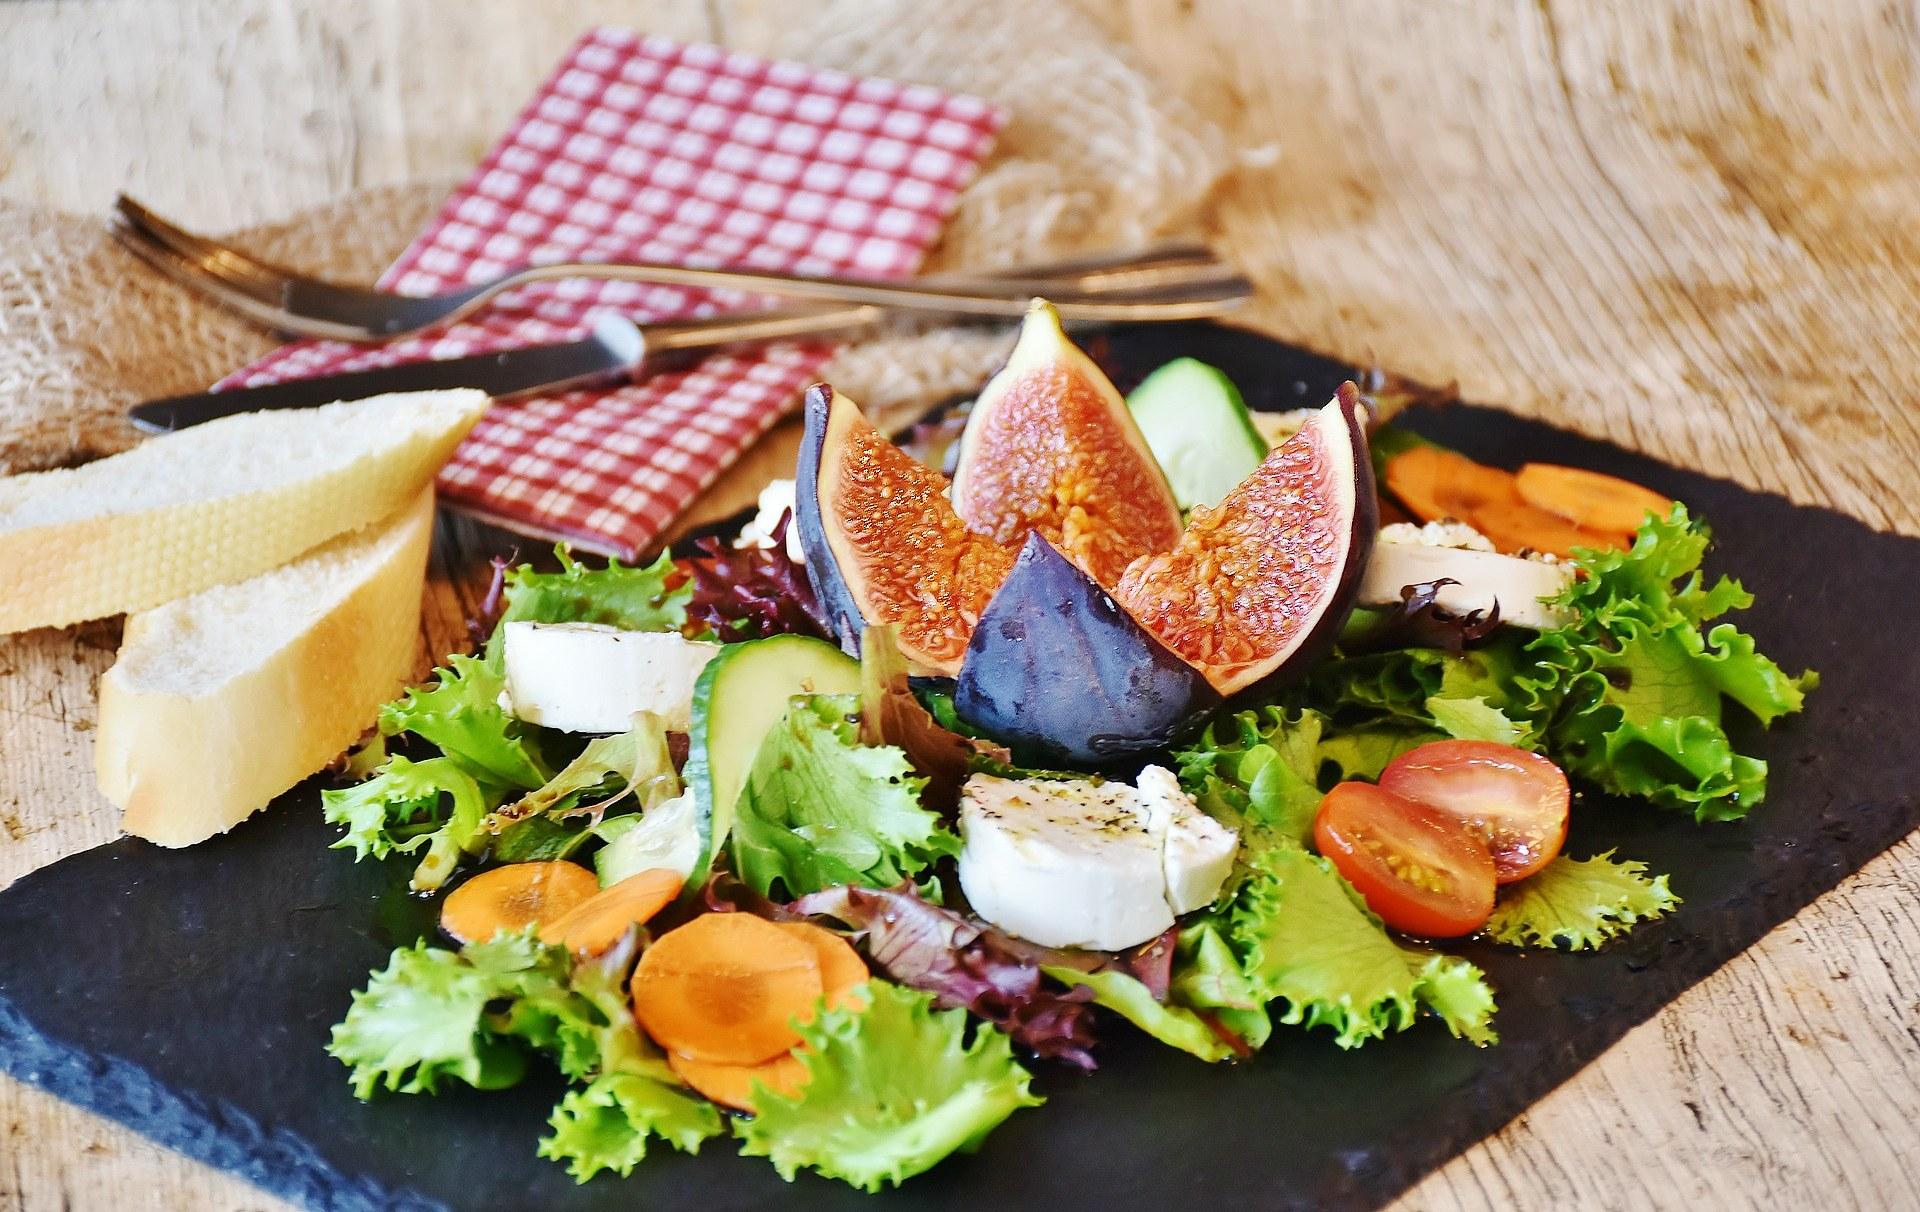 Receta de ensalada con queso de cabra, higos y tomates